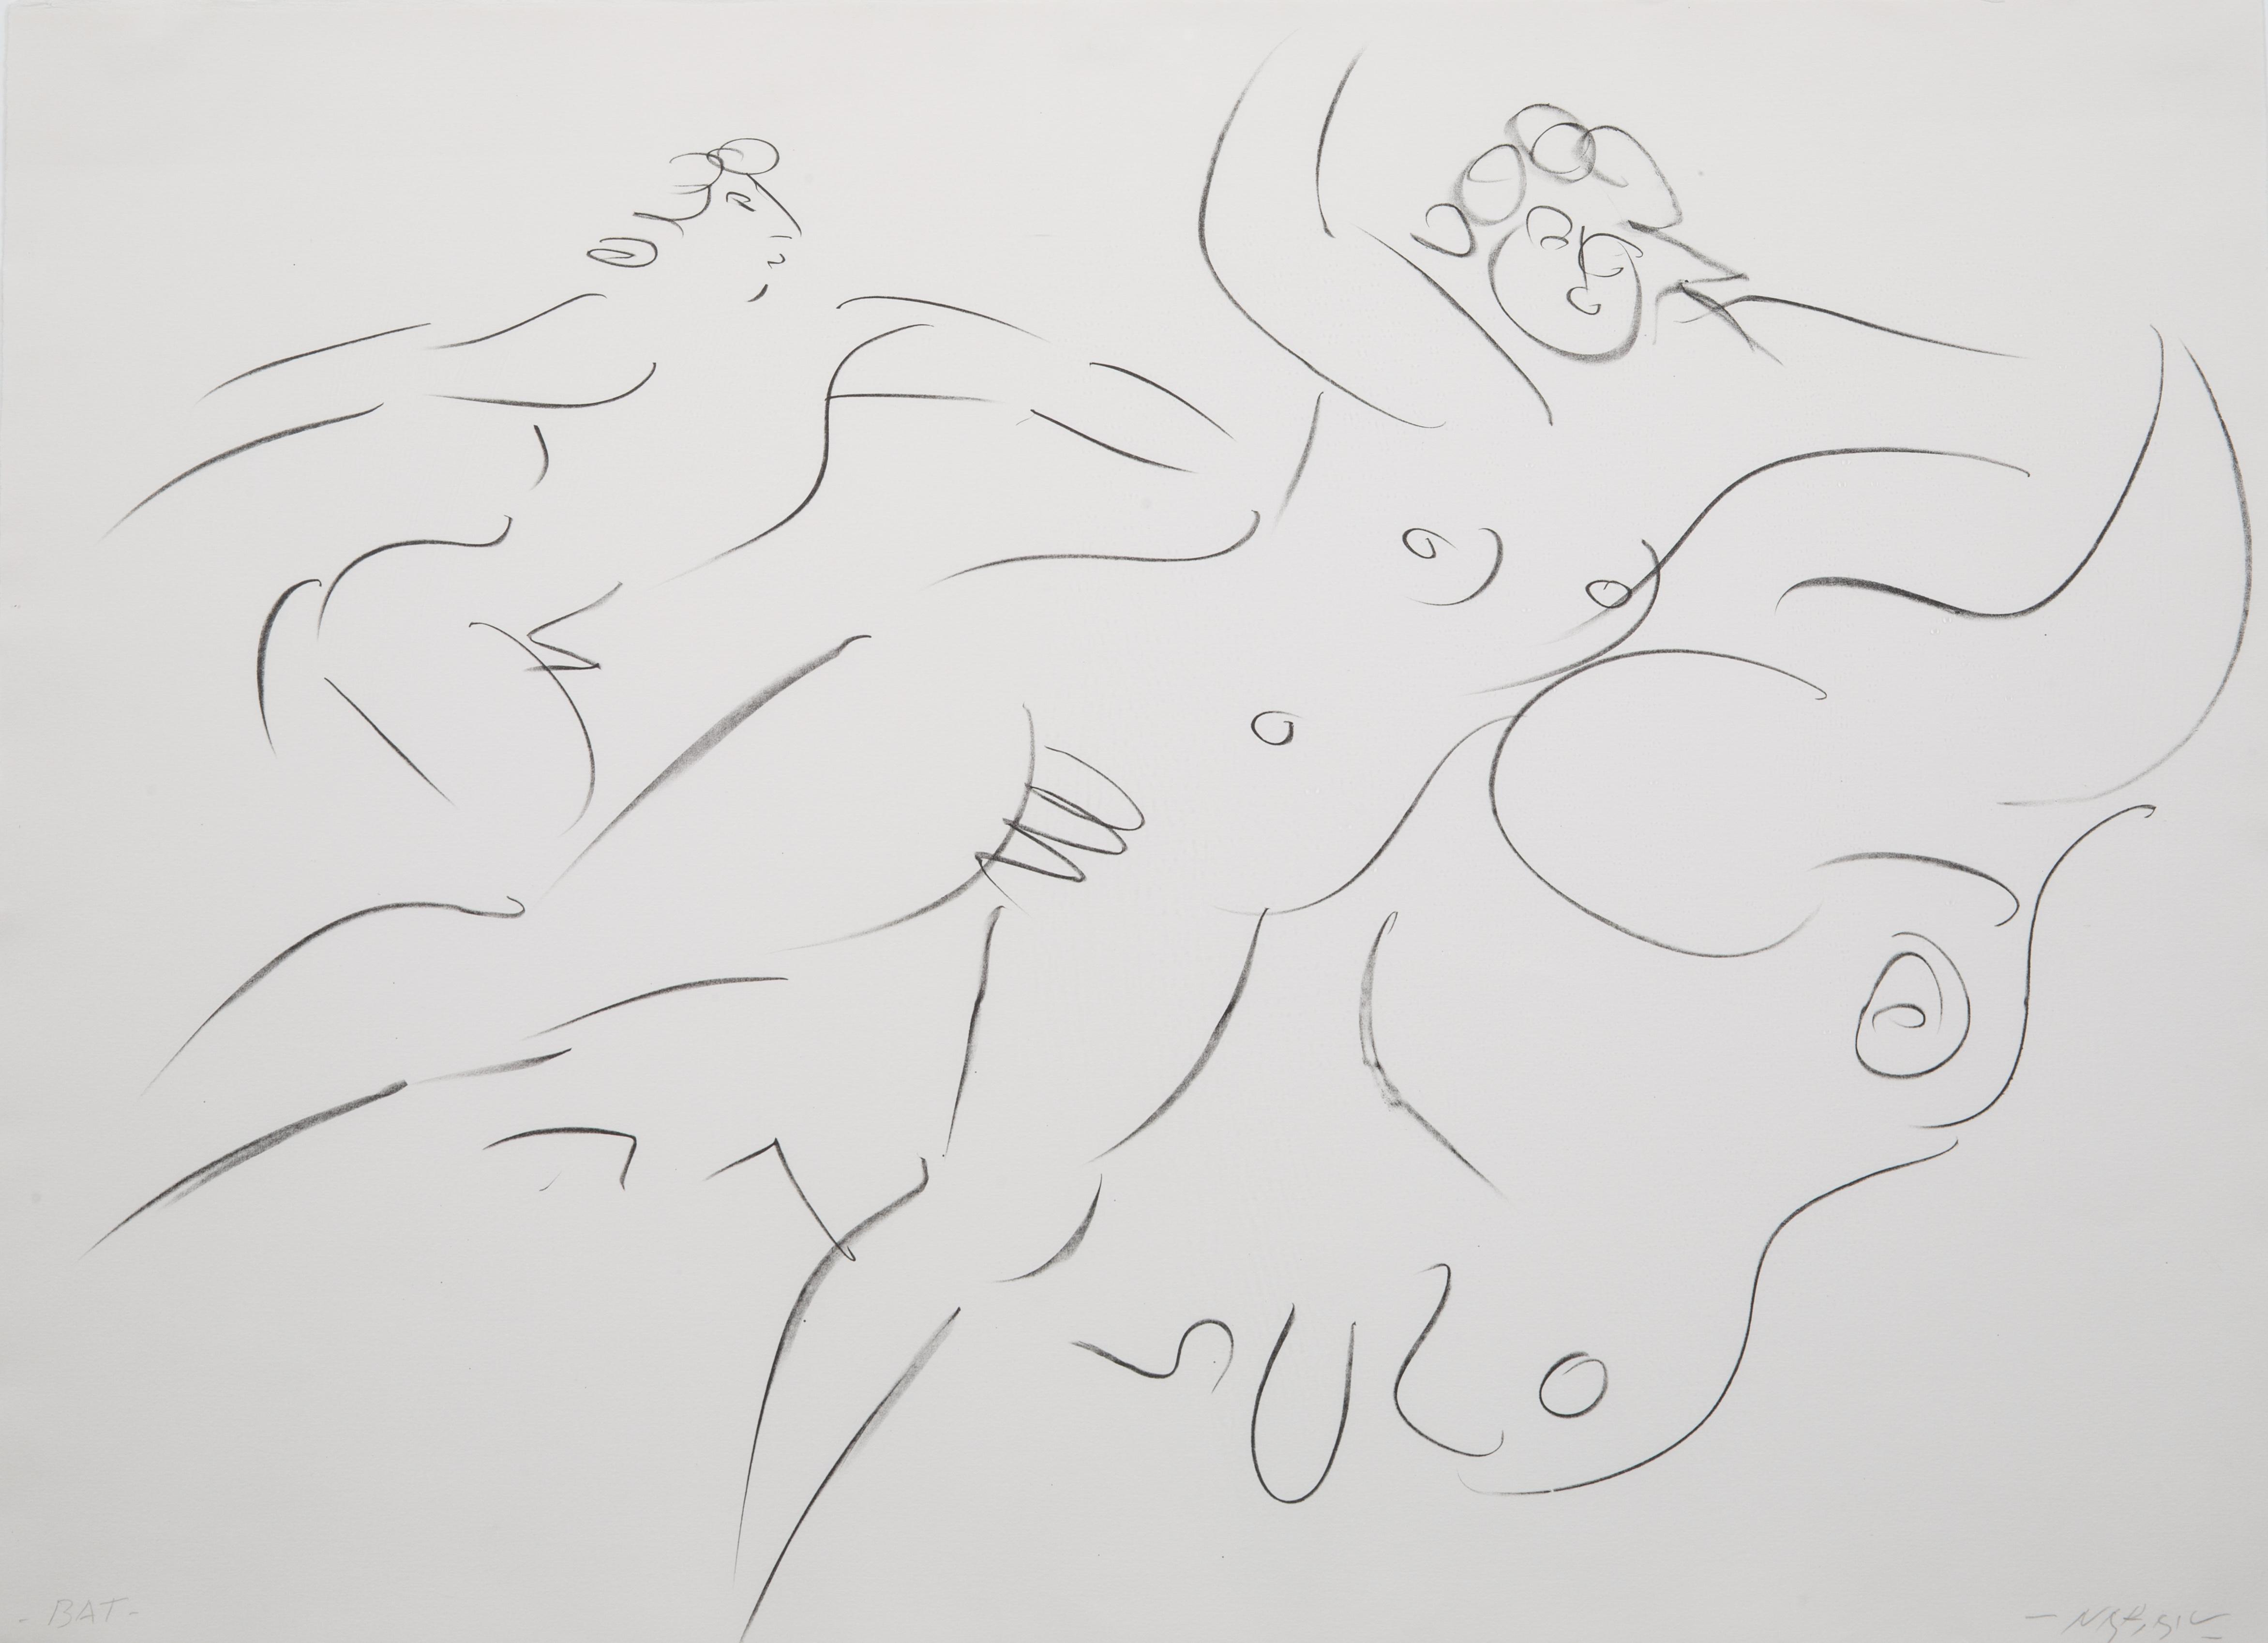 NINE ETCHINGS BY REUBEN NAKIAN (AMERICAN 1897-1986) - Image 17 of 18